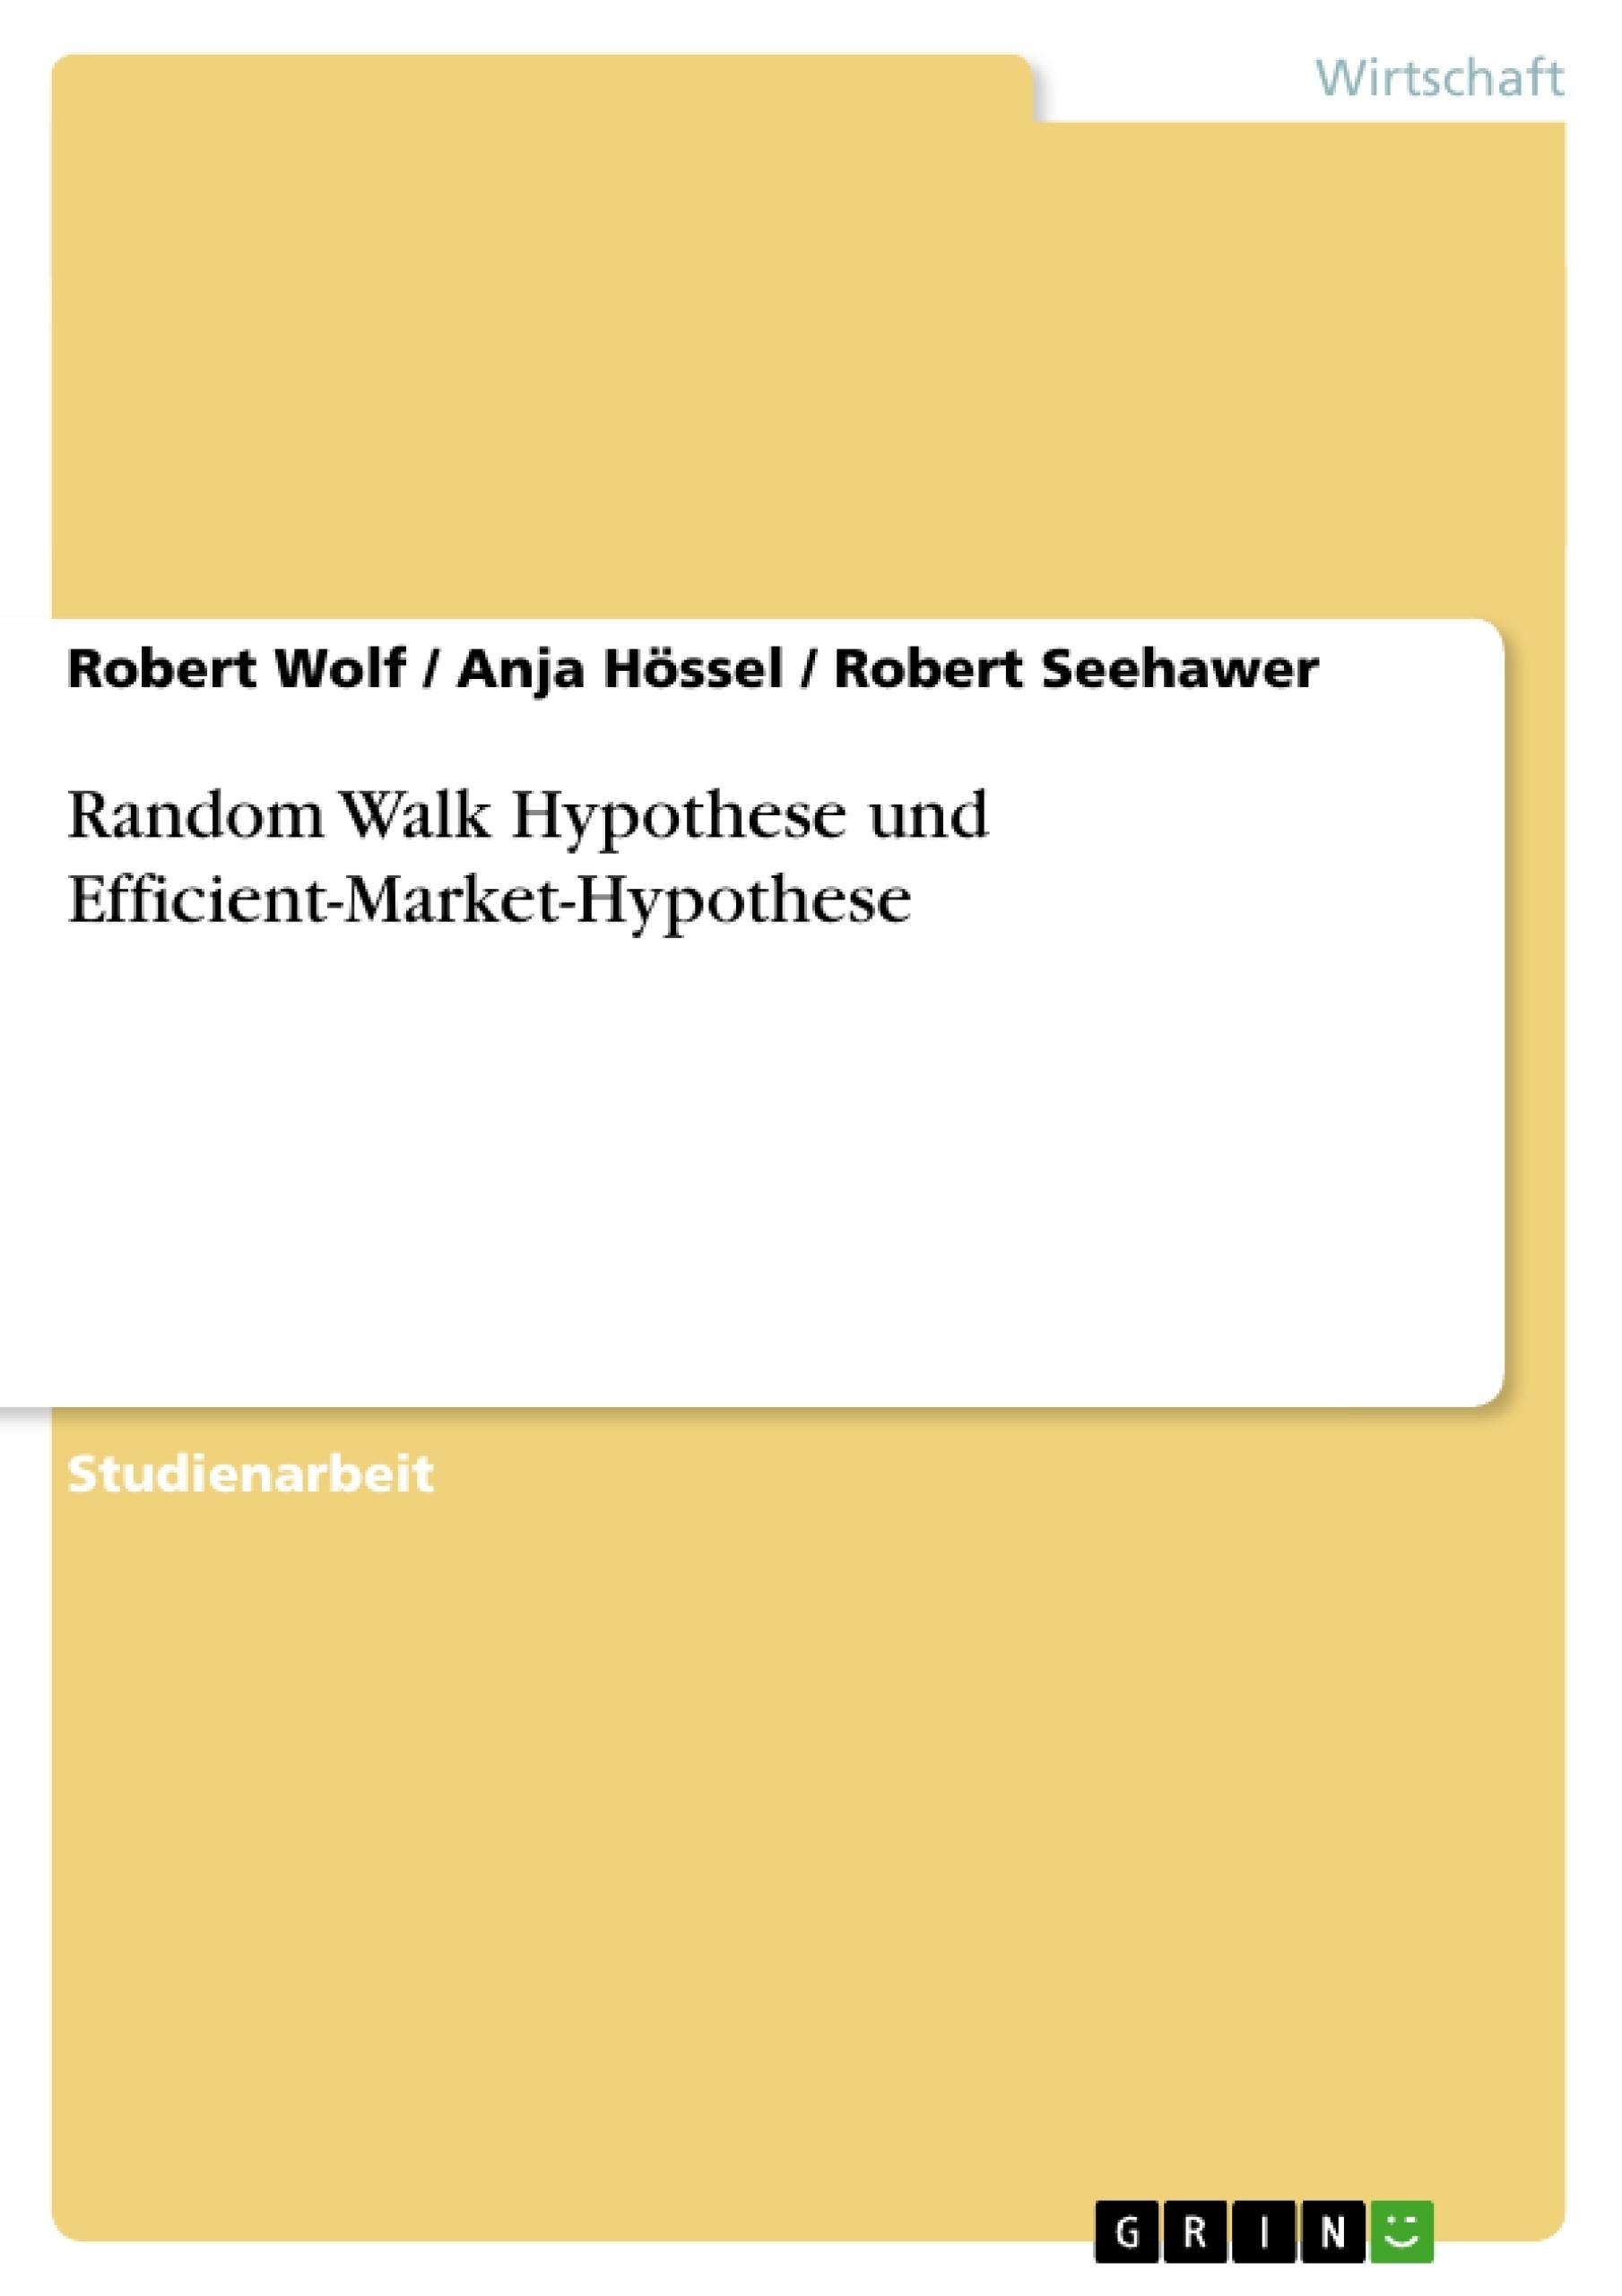 Titel: Random Walk Hypothese und Efficient-Market-Hypothese